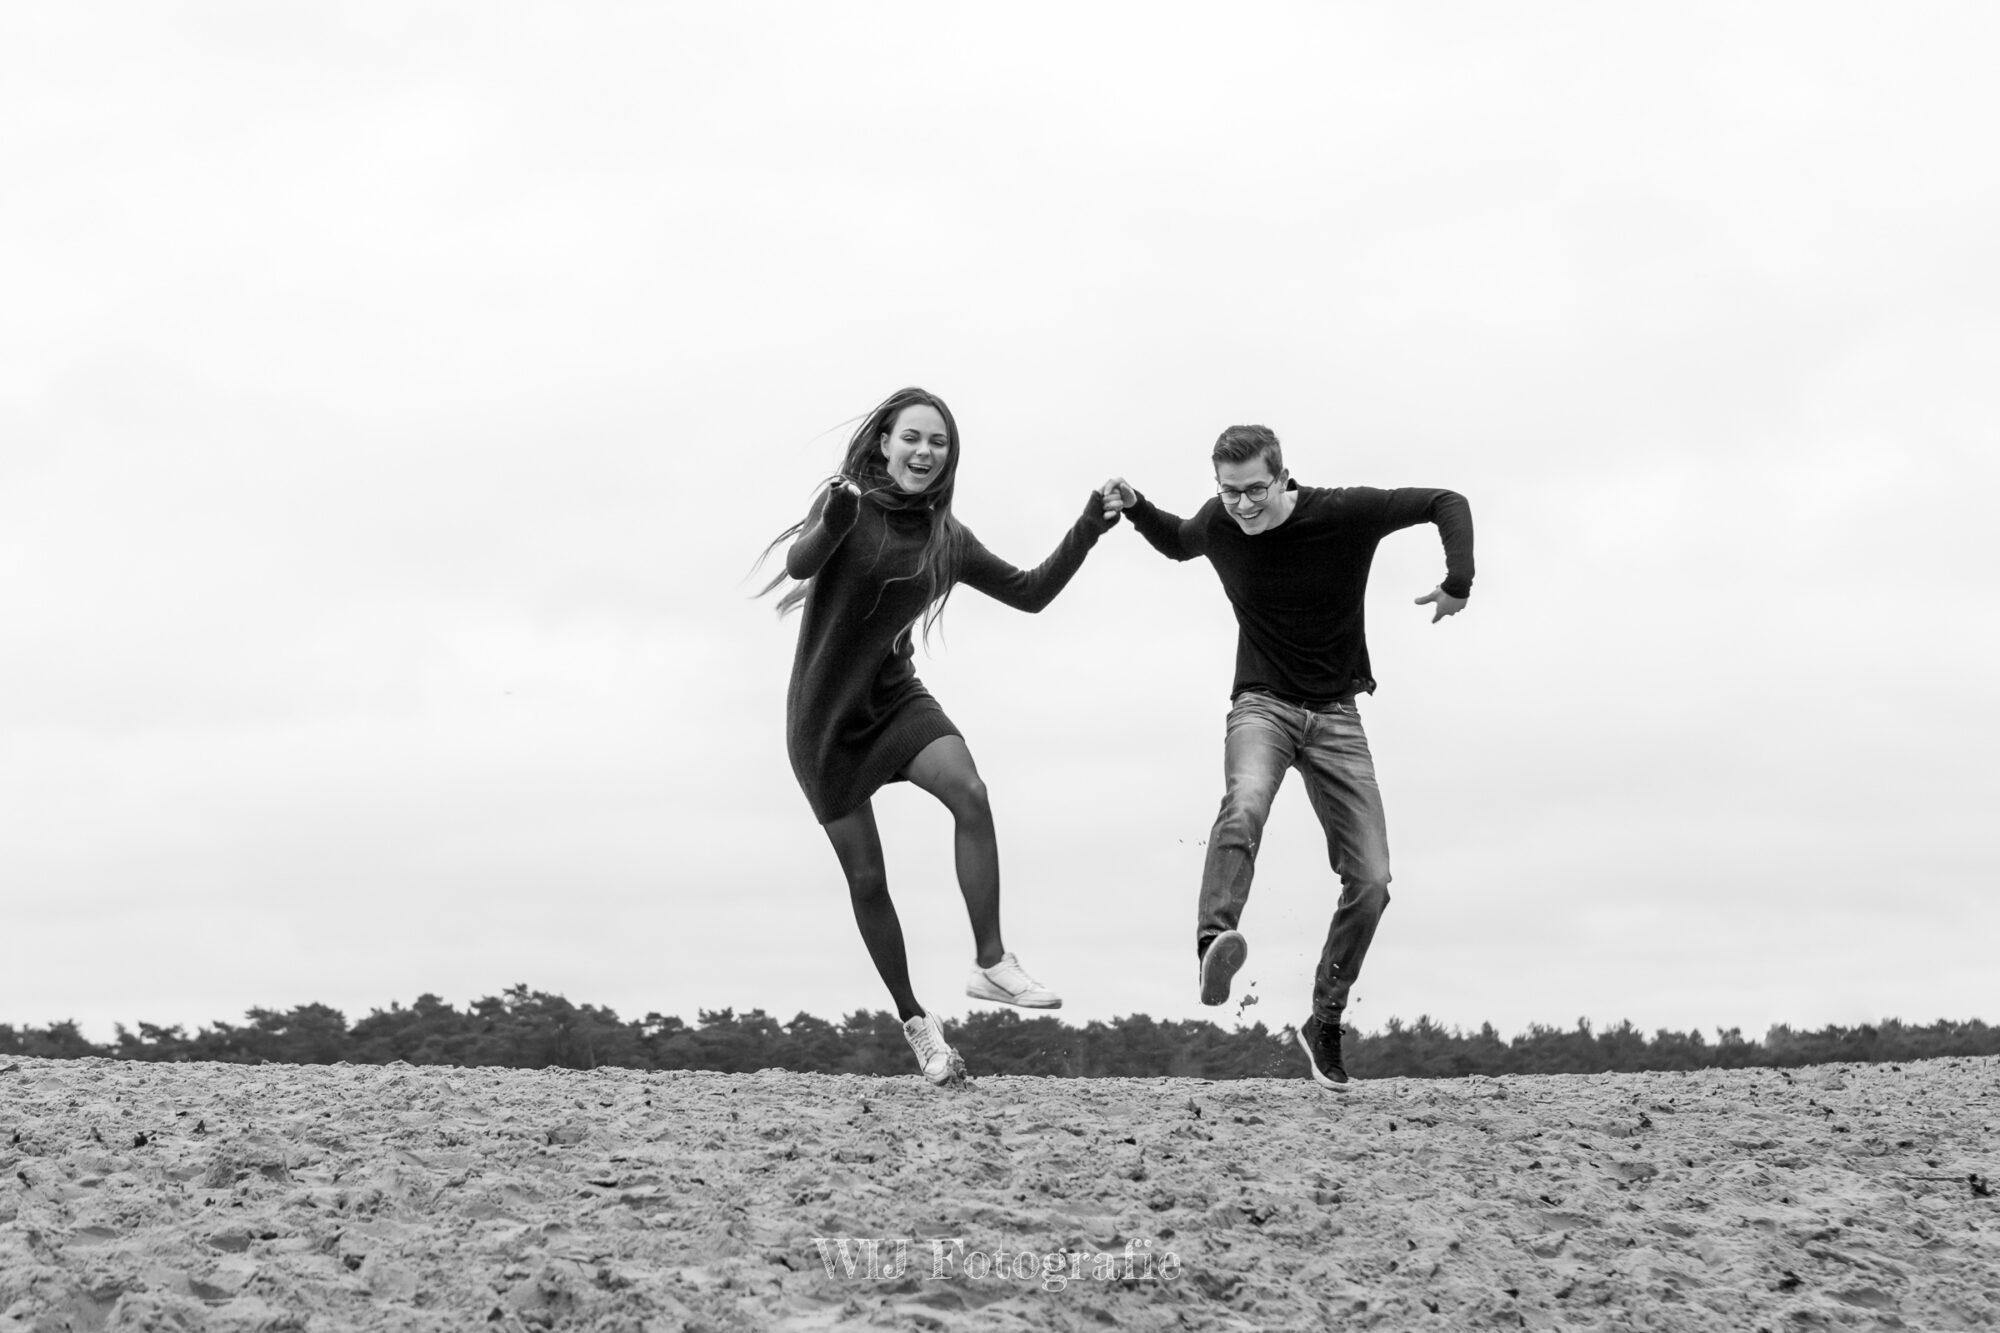 Loveshoot Johan & Lynn - Moment Design Soestduinen - 04 januari 2020 - WIJ Fotografie -IMG_5734 - Blog